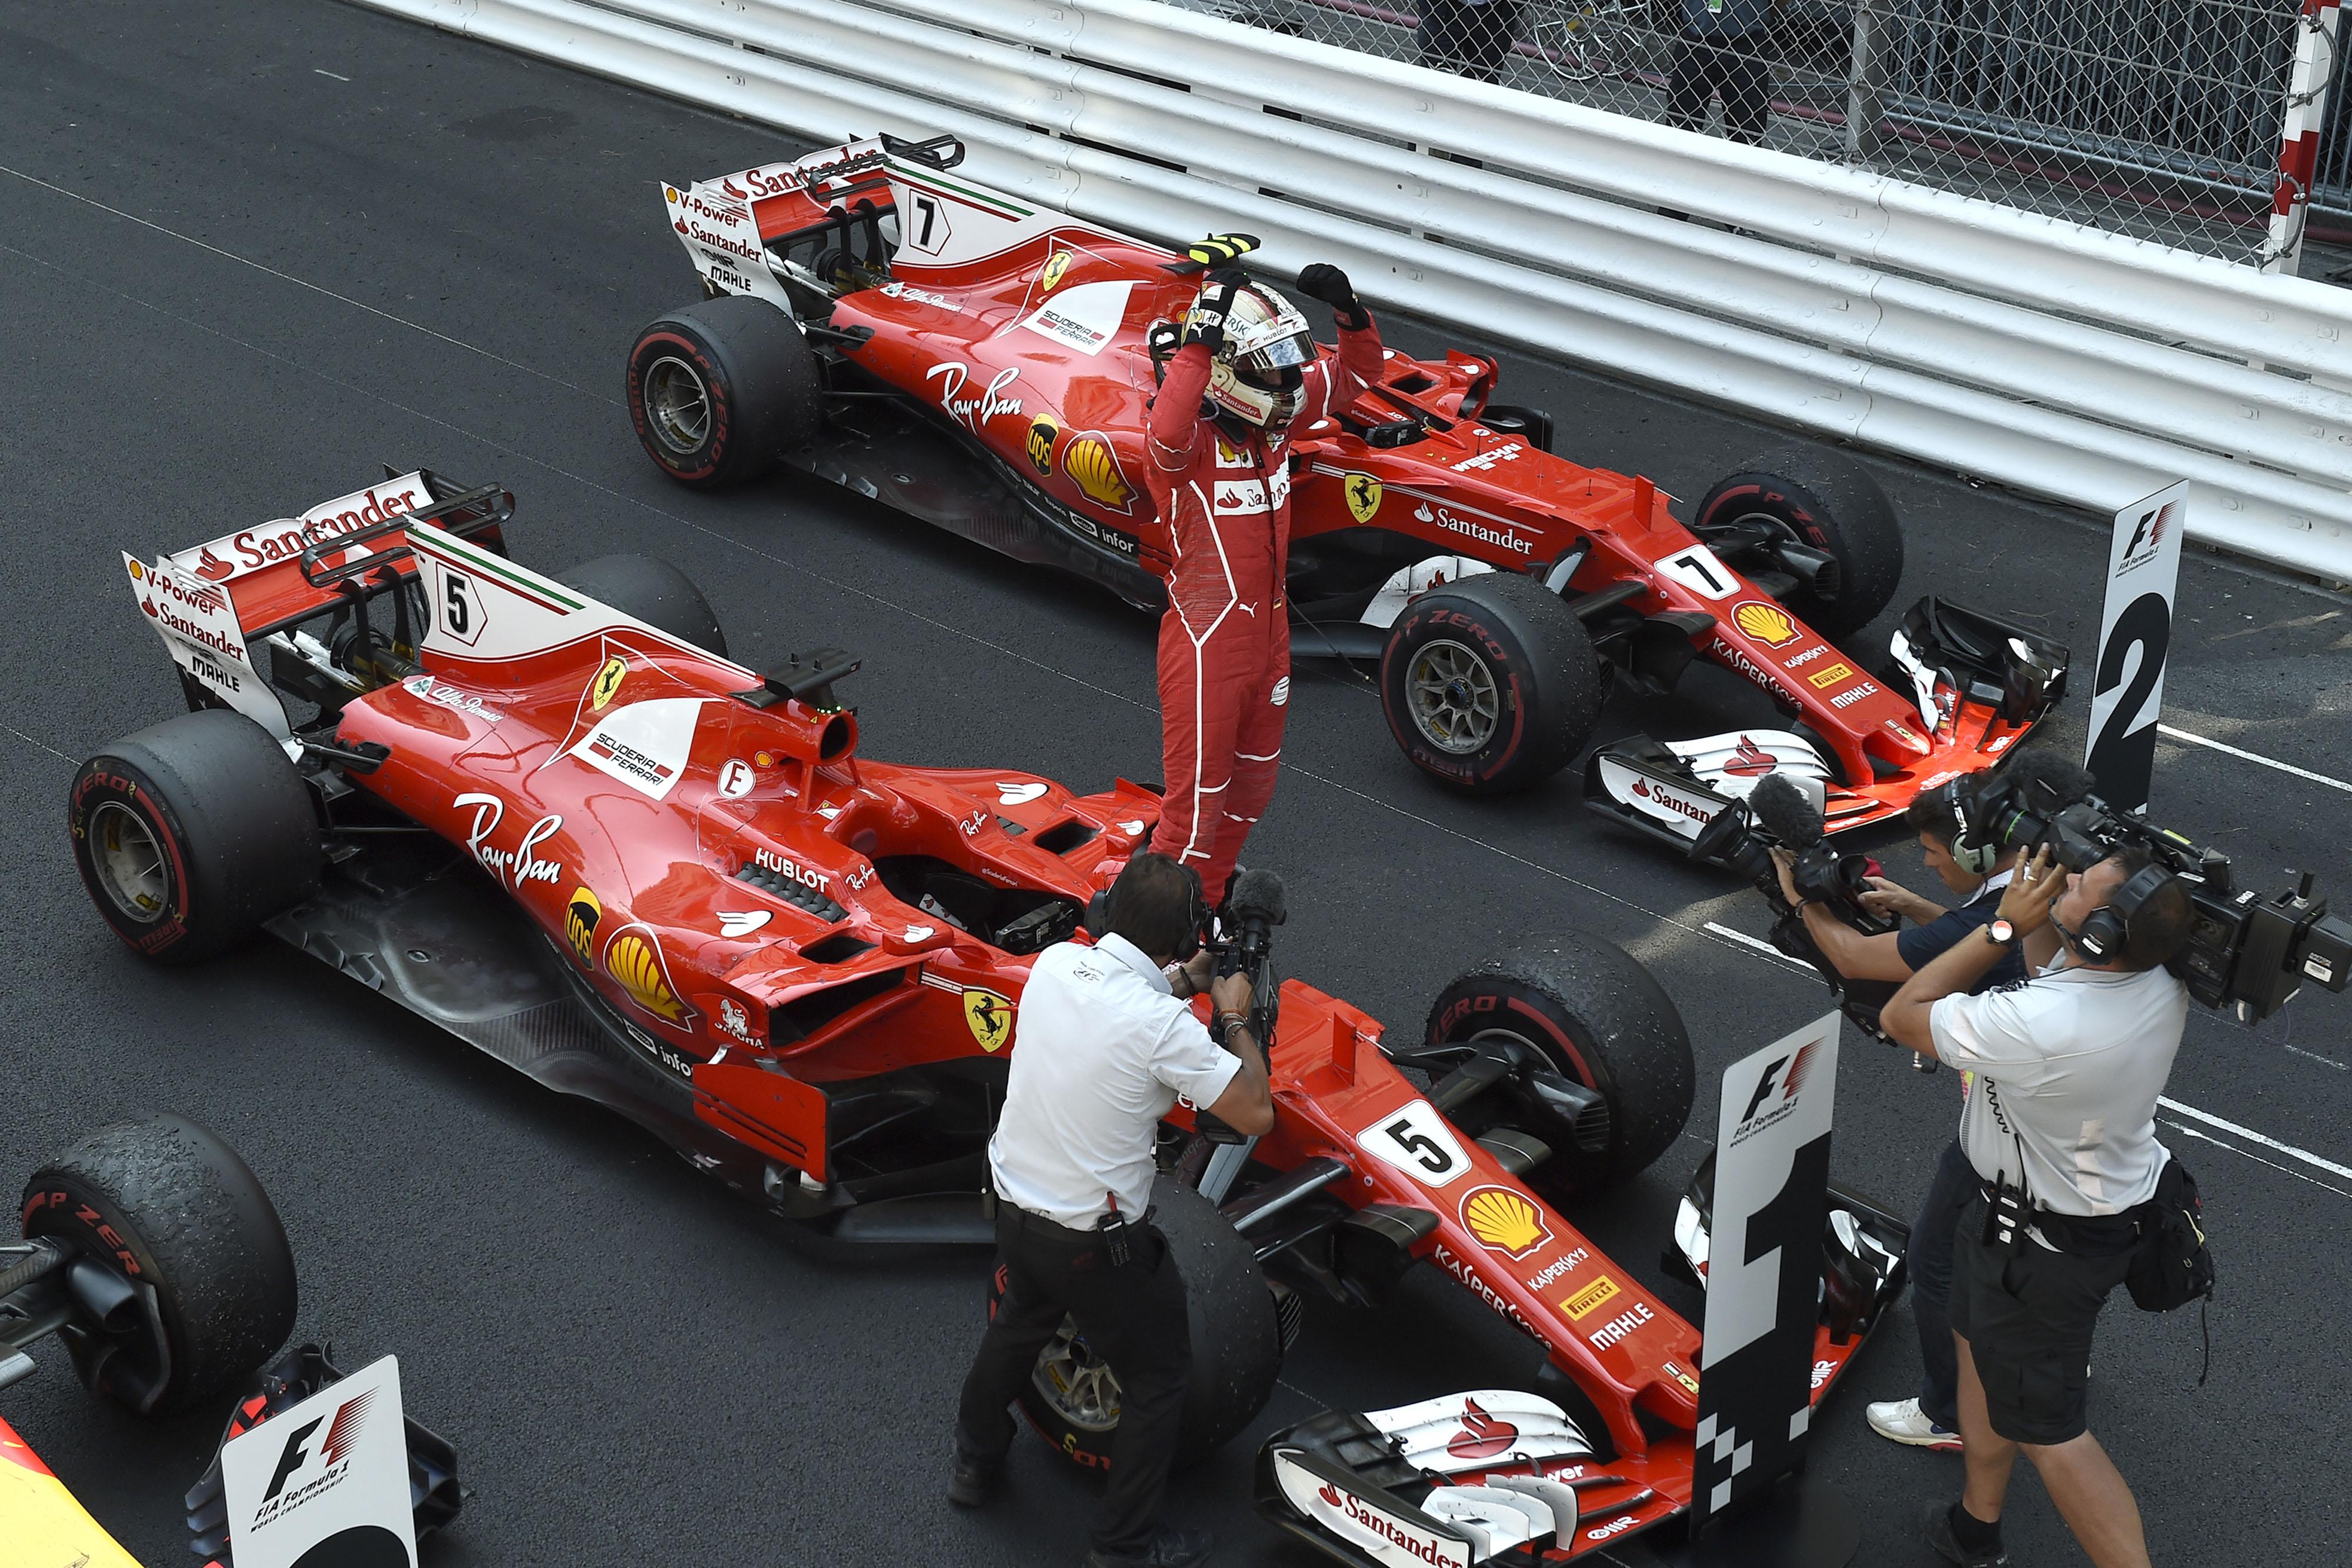 Wolff Ferrari 16 Weeks Ahead With 2017 Car